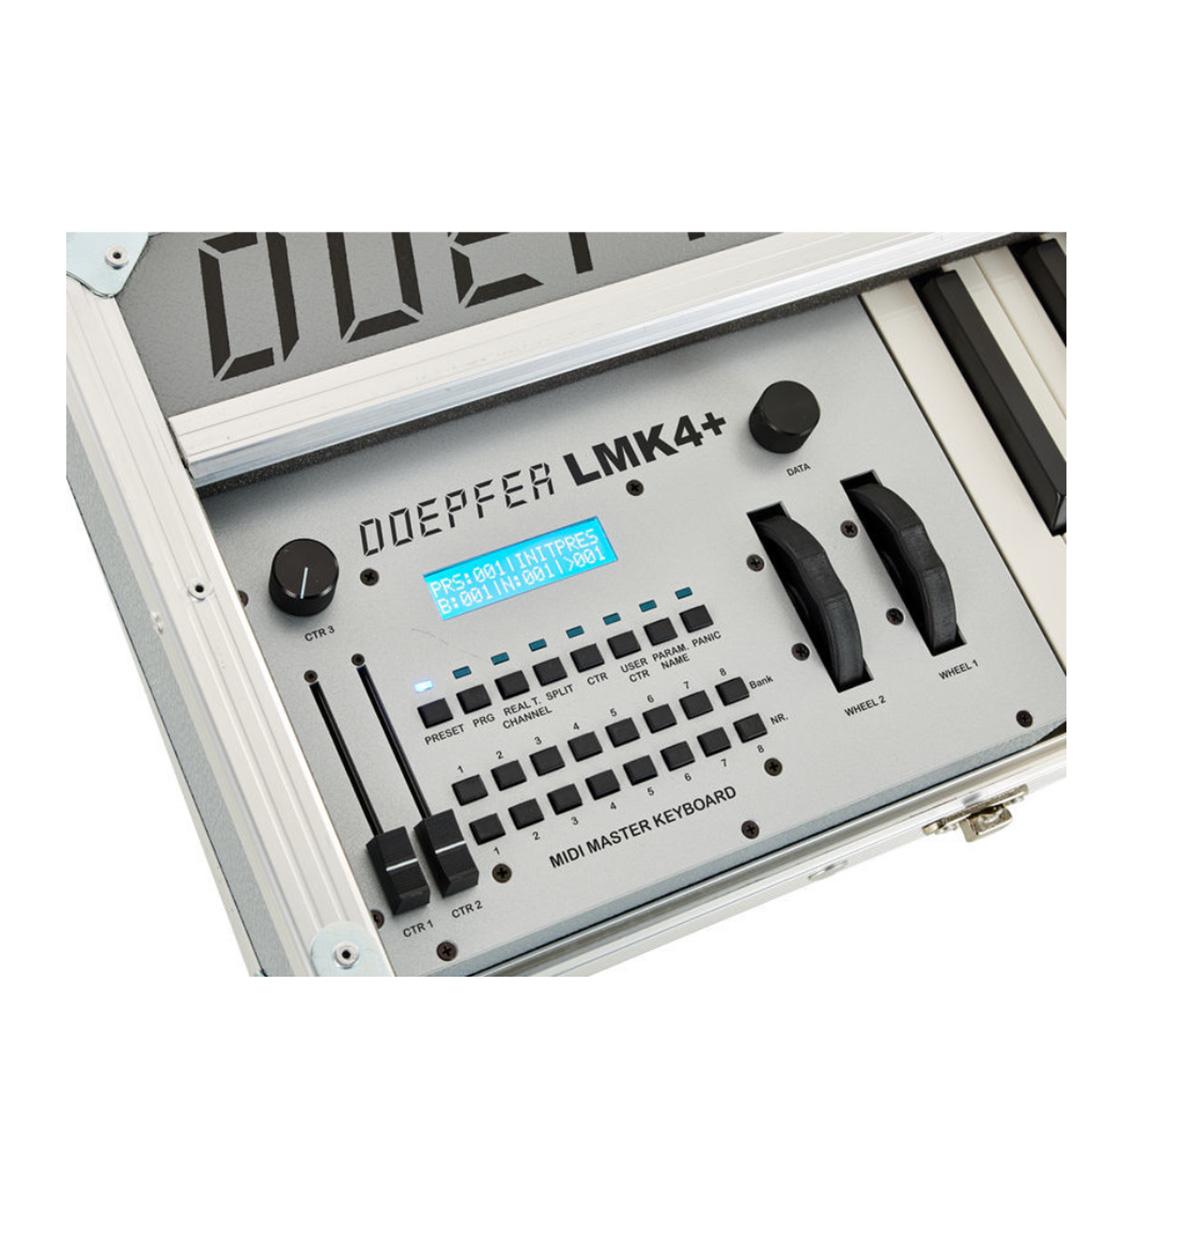 TECLADO CONTROLADOR DOEPFER LMK4+ GREY